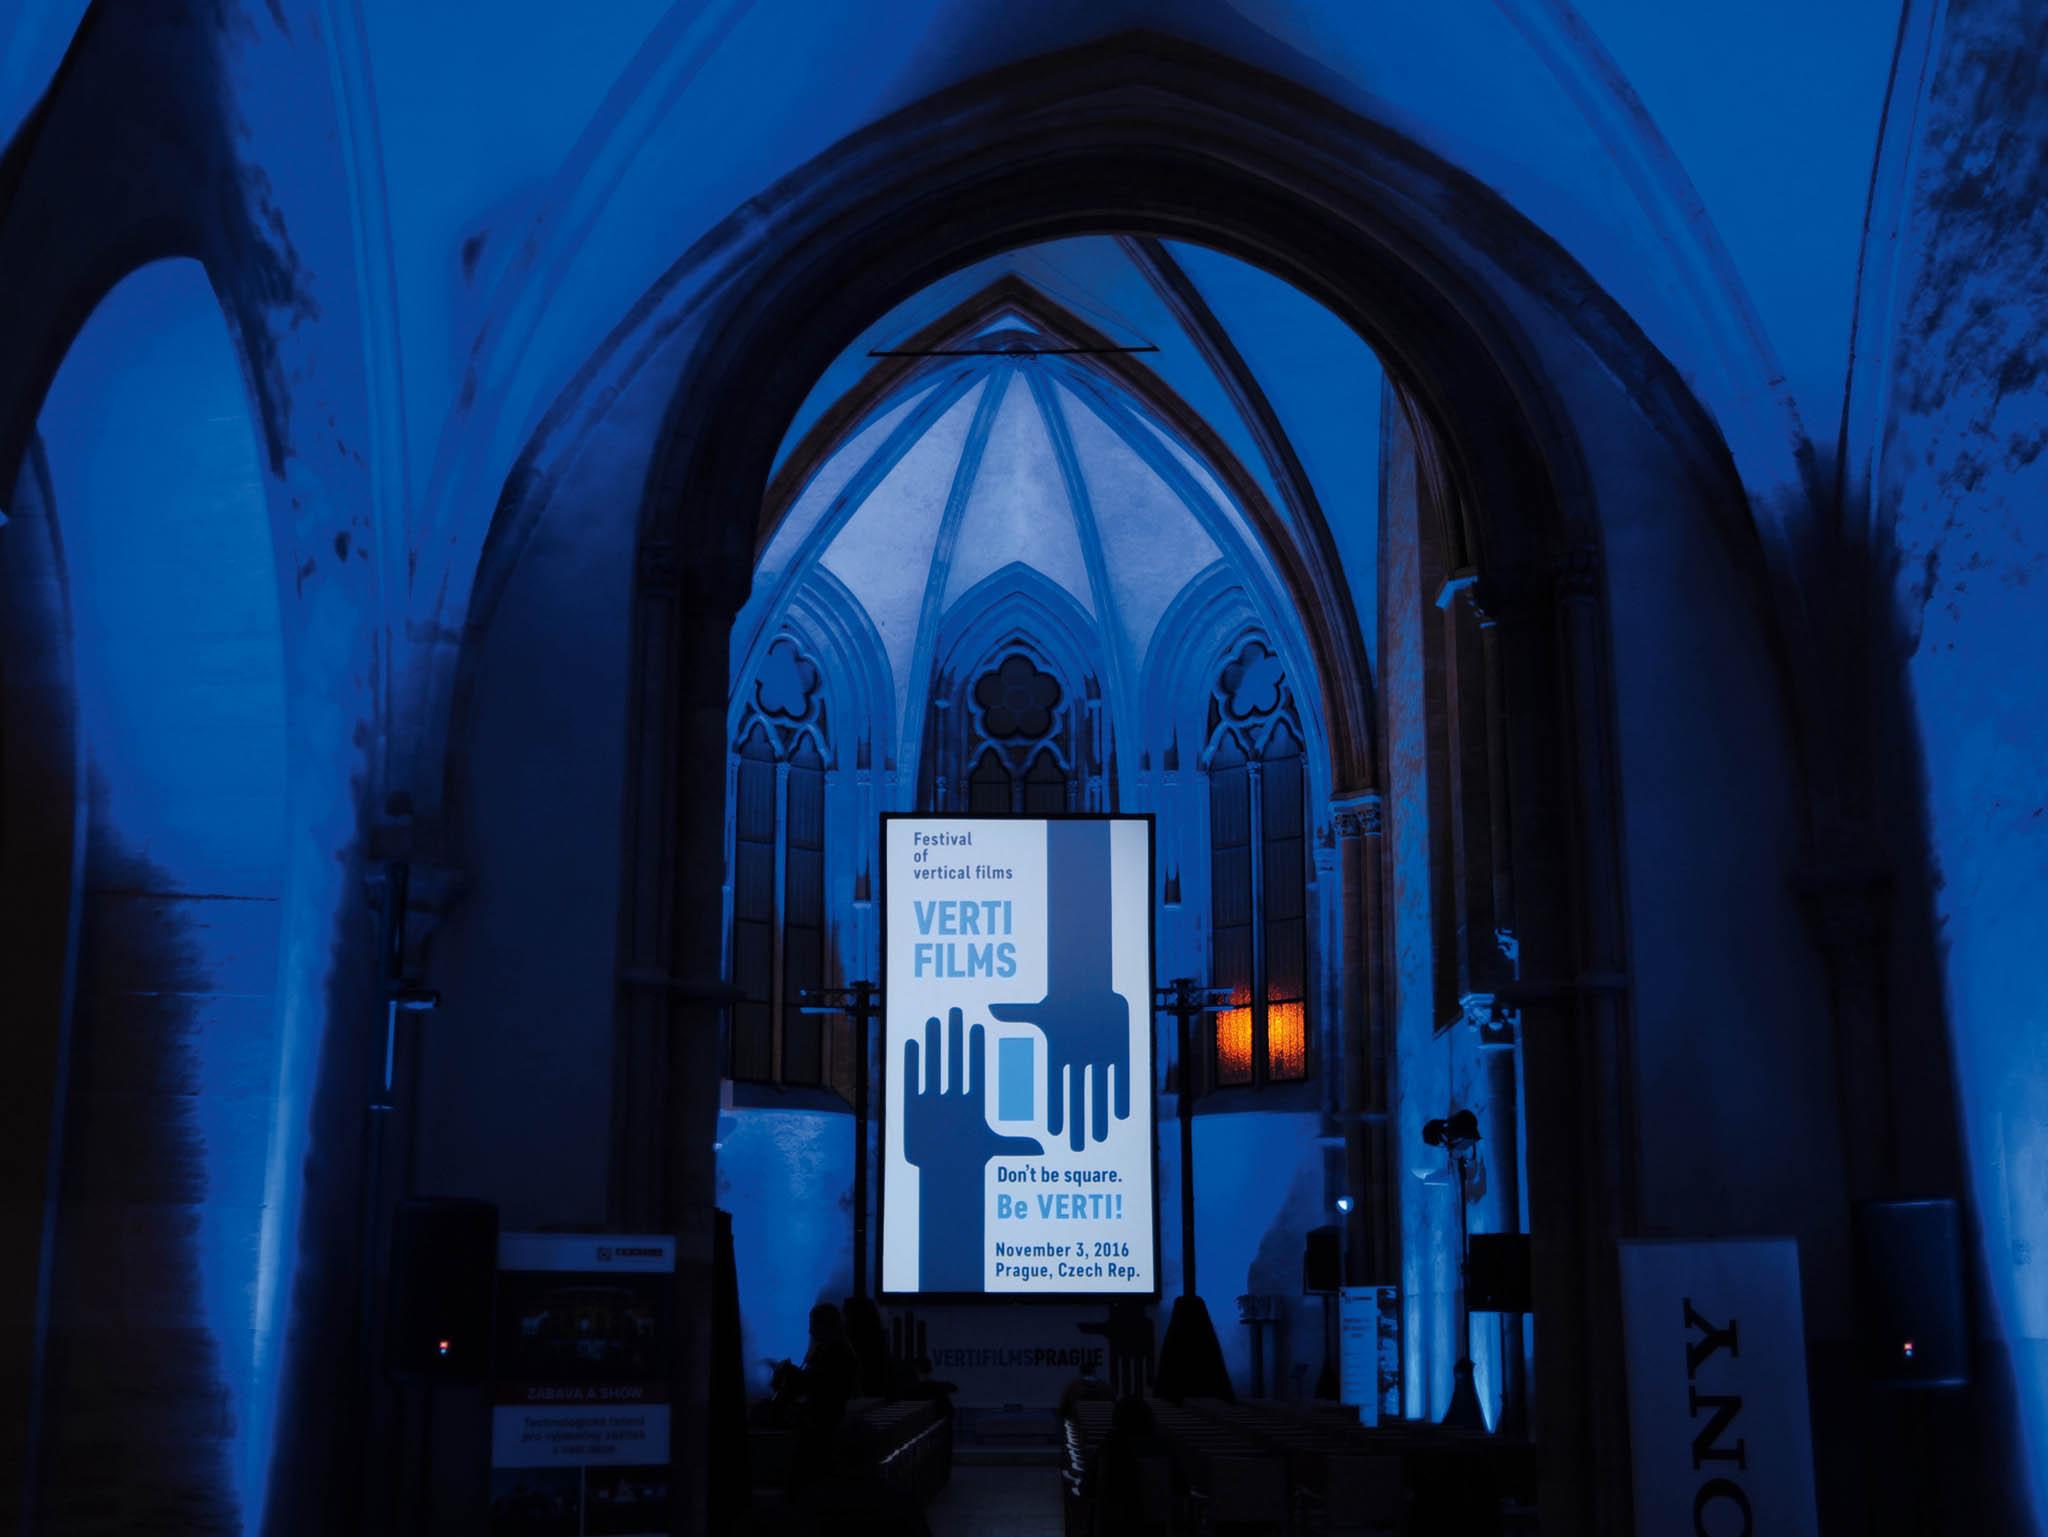 Doprostor kláštera sv. Anežky České se vrací festival filmů natočených navýšku. Nabezmála deset metrů vysokém plátně bude uvedeno nadvě desítky filmů zcelého světa.